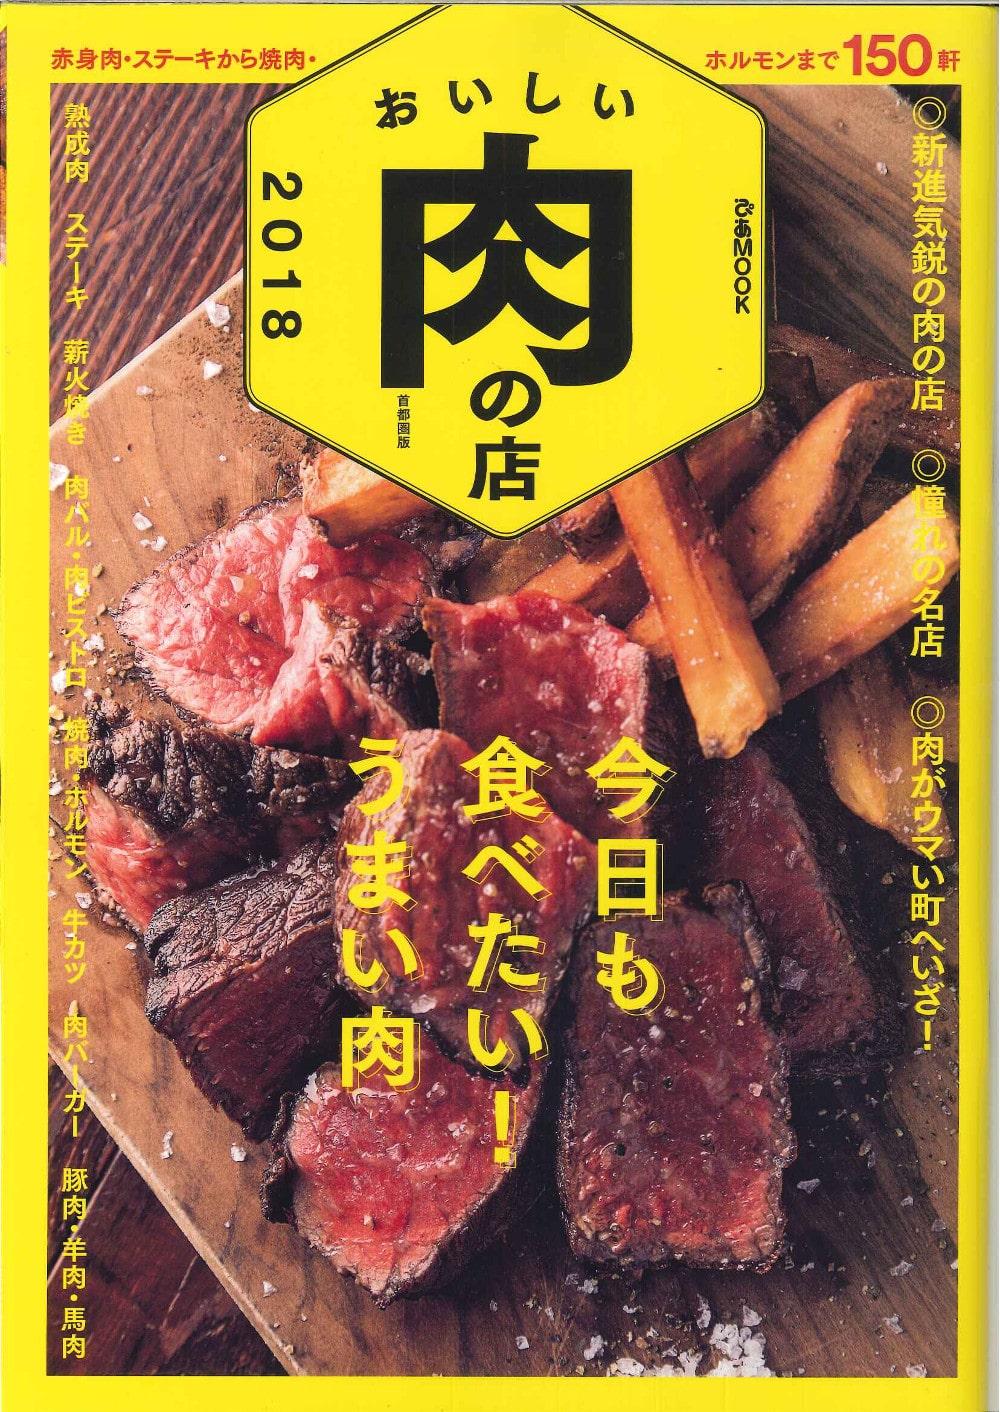 ぴあMOOKおいしい肉の店2018